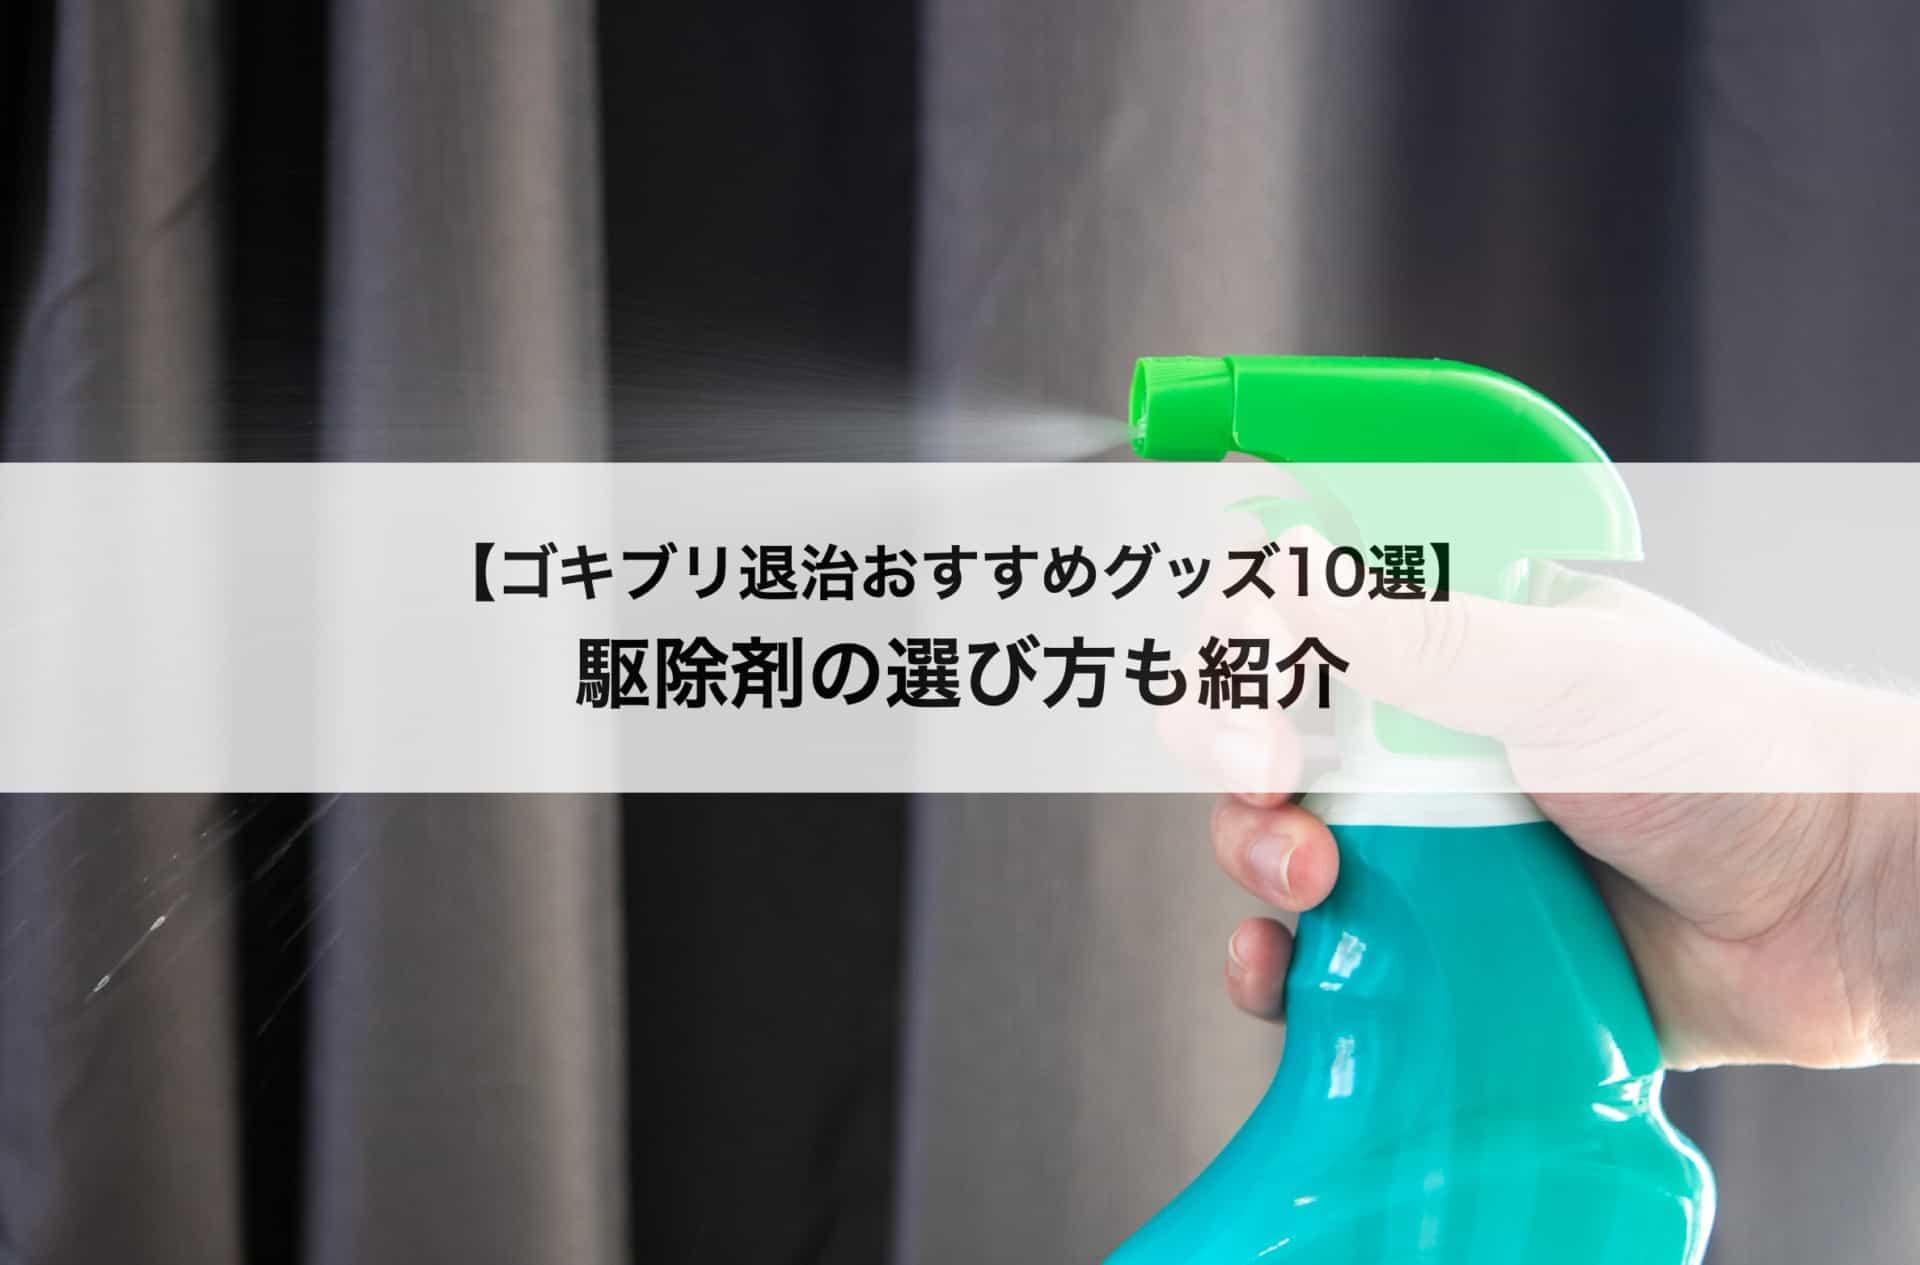 今すぐゴキブリ退治ができるおすすめ人気グッズ10選!駆除剤の選び方も紹介します!